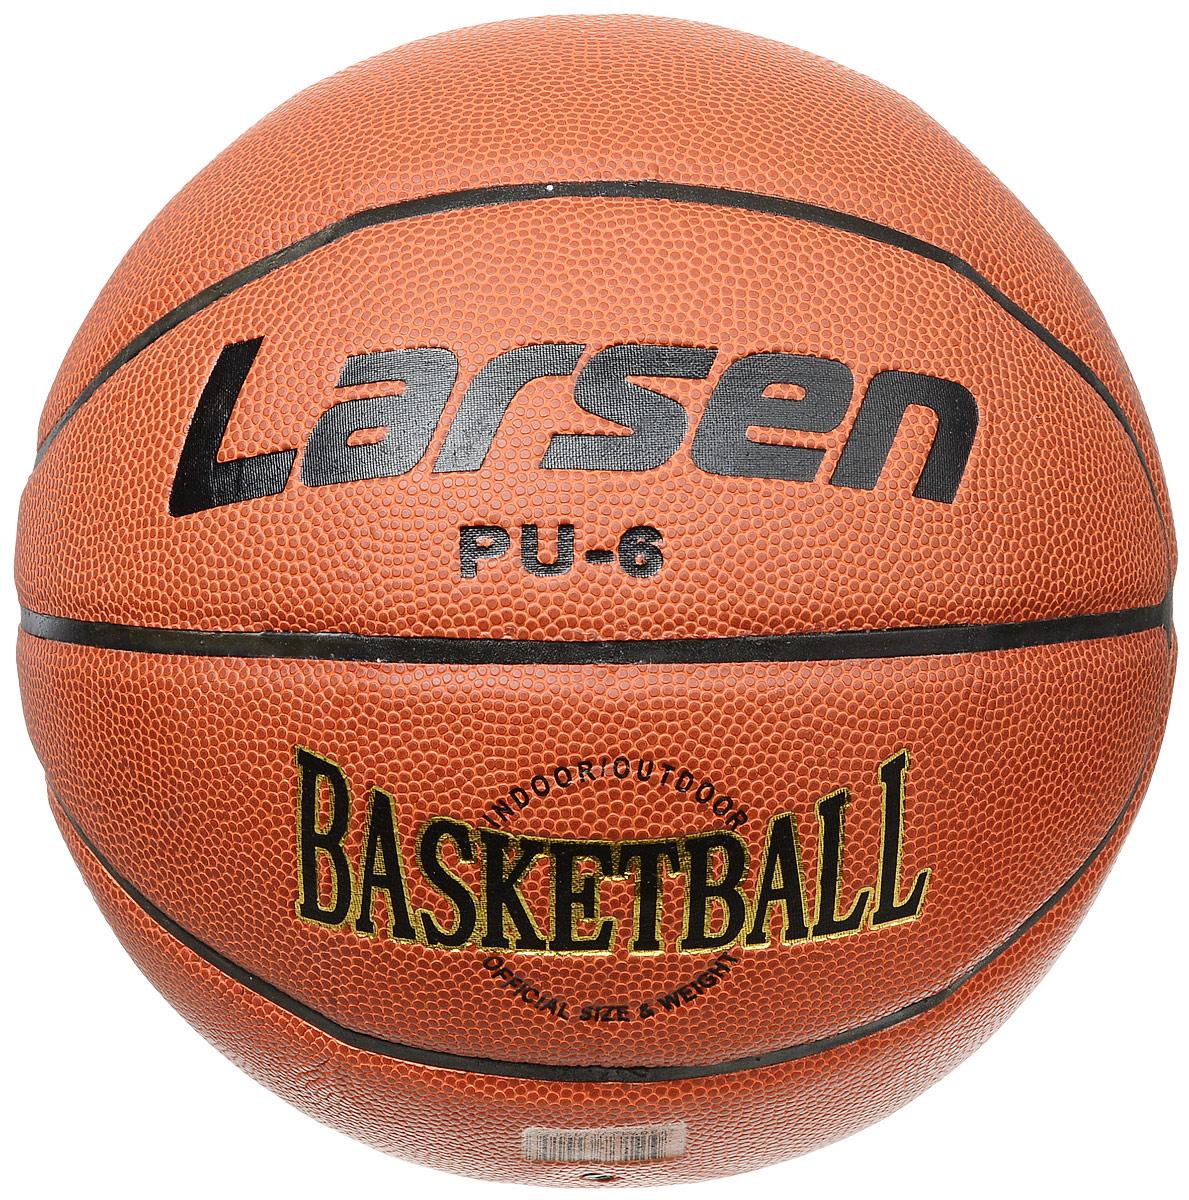 Мяч баскетбольный Larsen. PU-6BGR7-OIМяч баскетбольный Larsen кирпичного цвета c серебряным логотипом, состоит из восьми секций и имеет сферическую форму. Предназначен для игры в зале или на улице. Диаметр: 22 см.